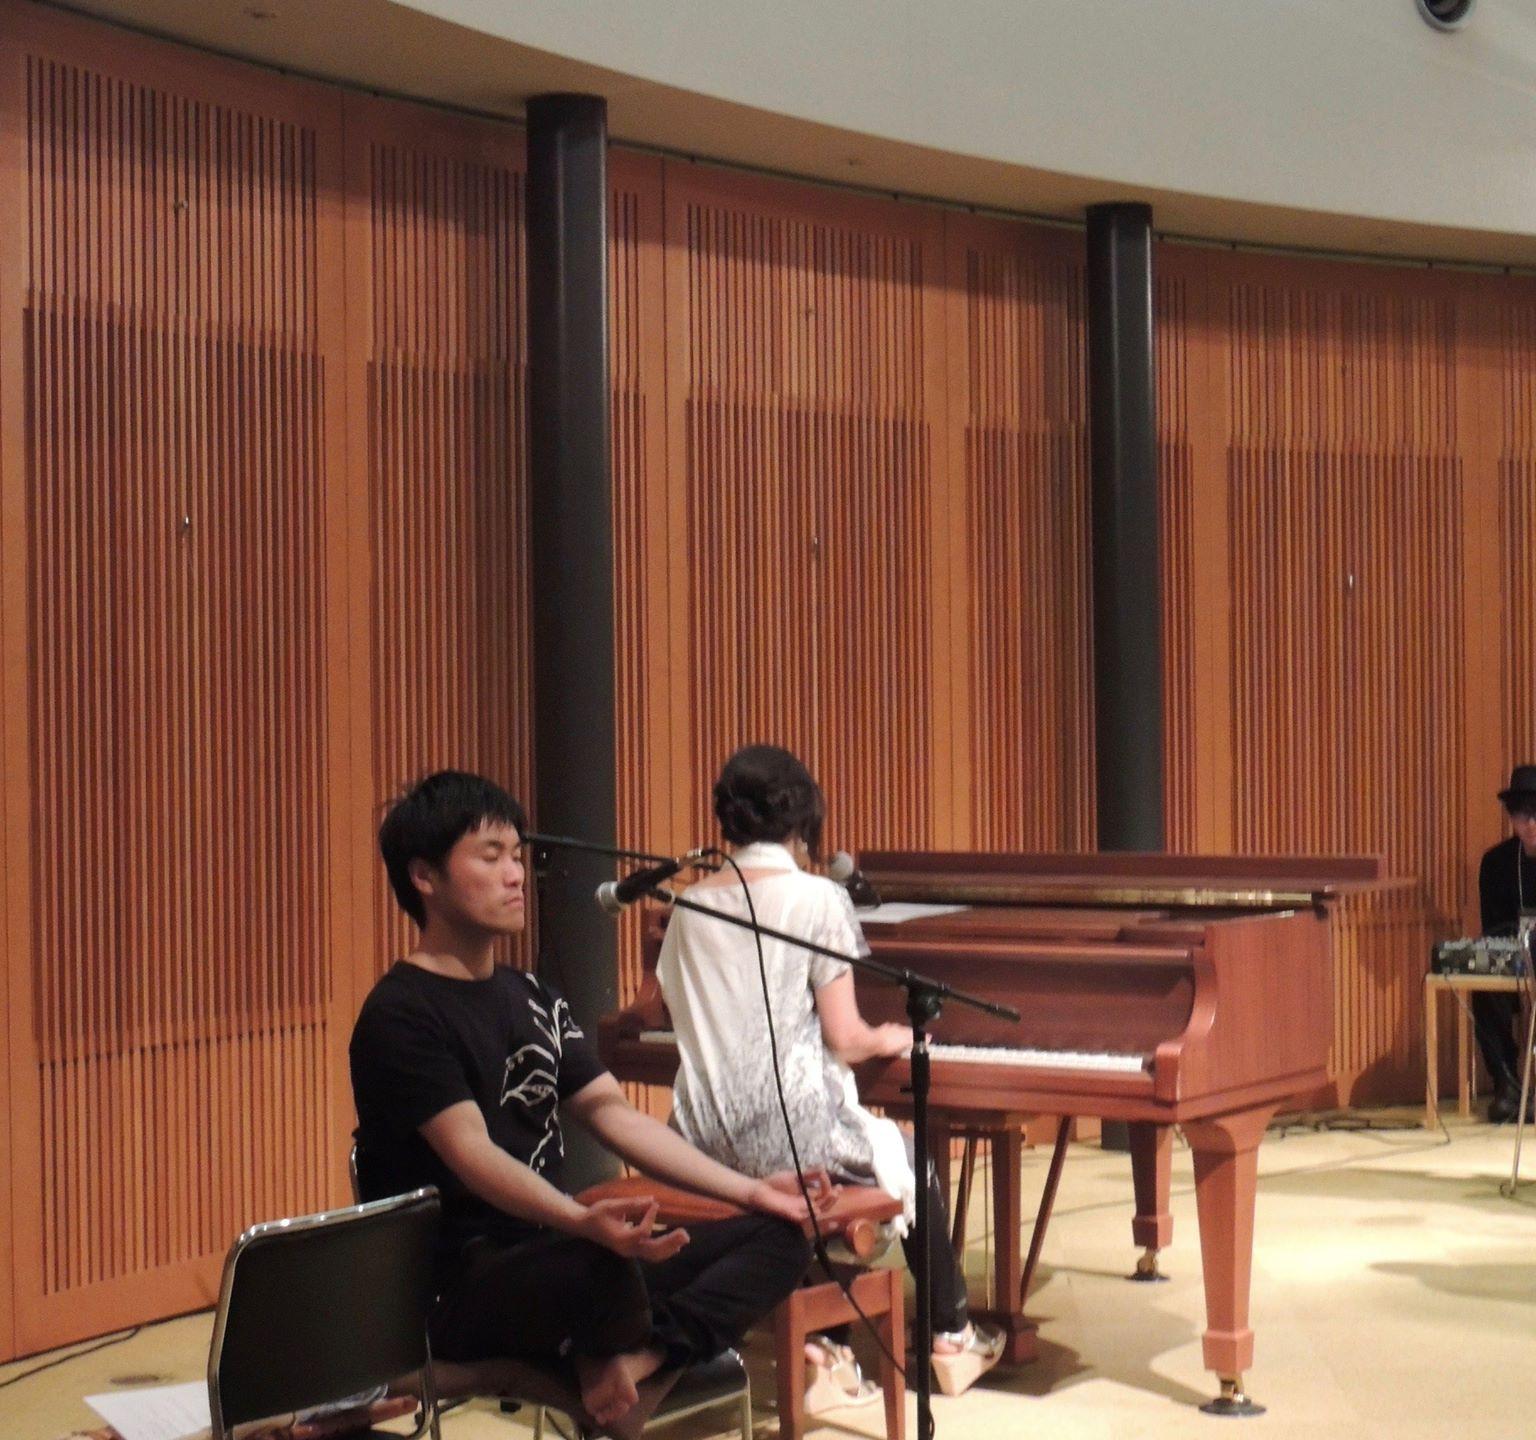 マントラの世界に演奏者も参加します